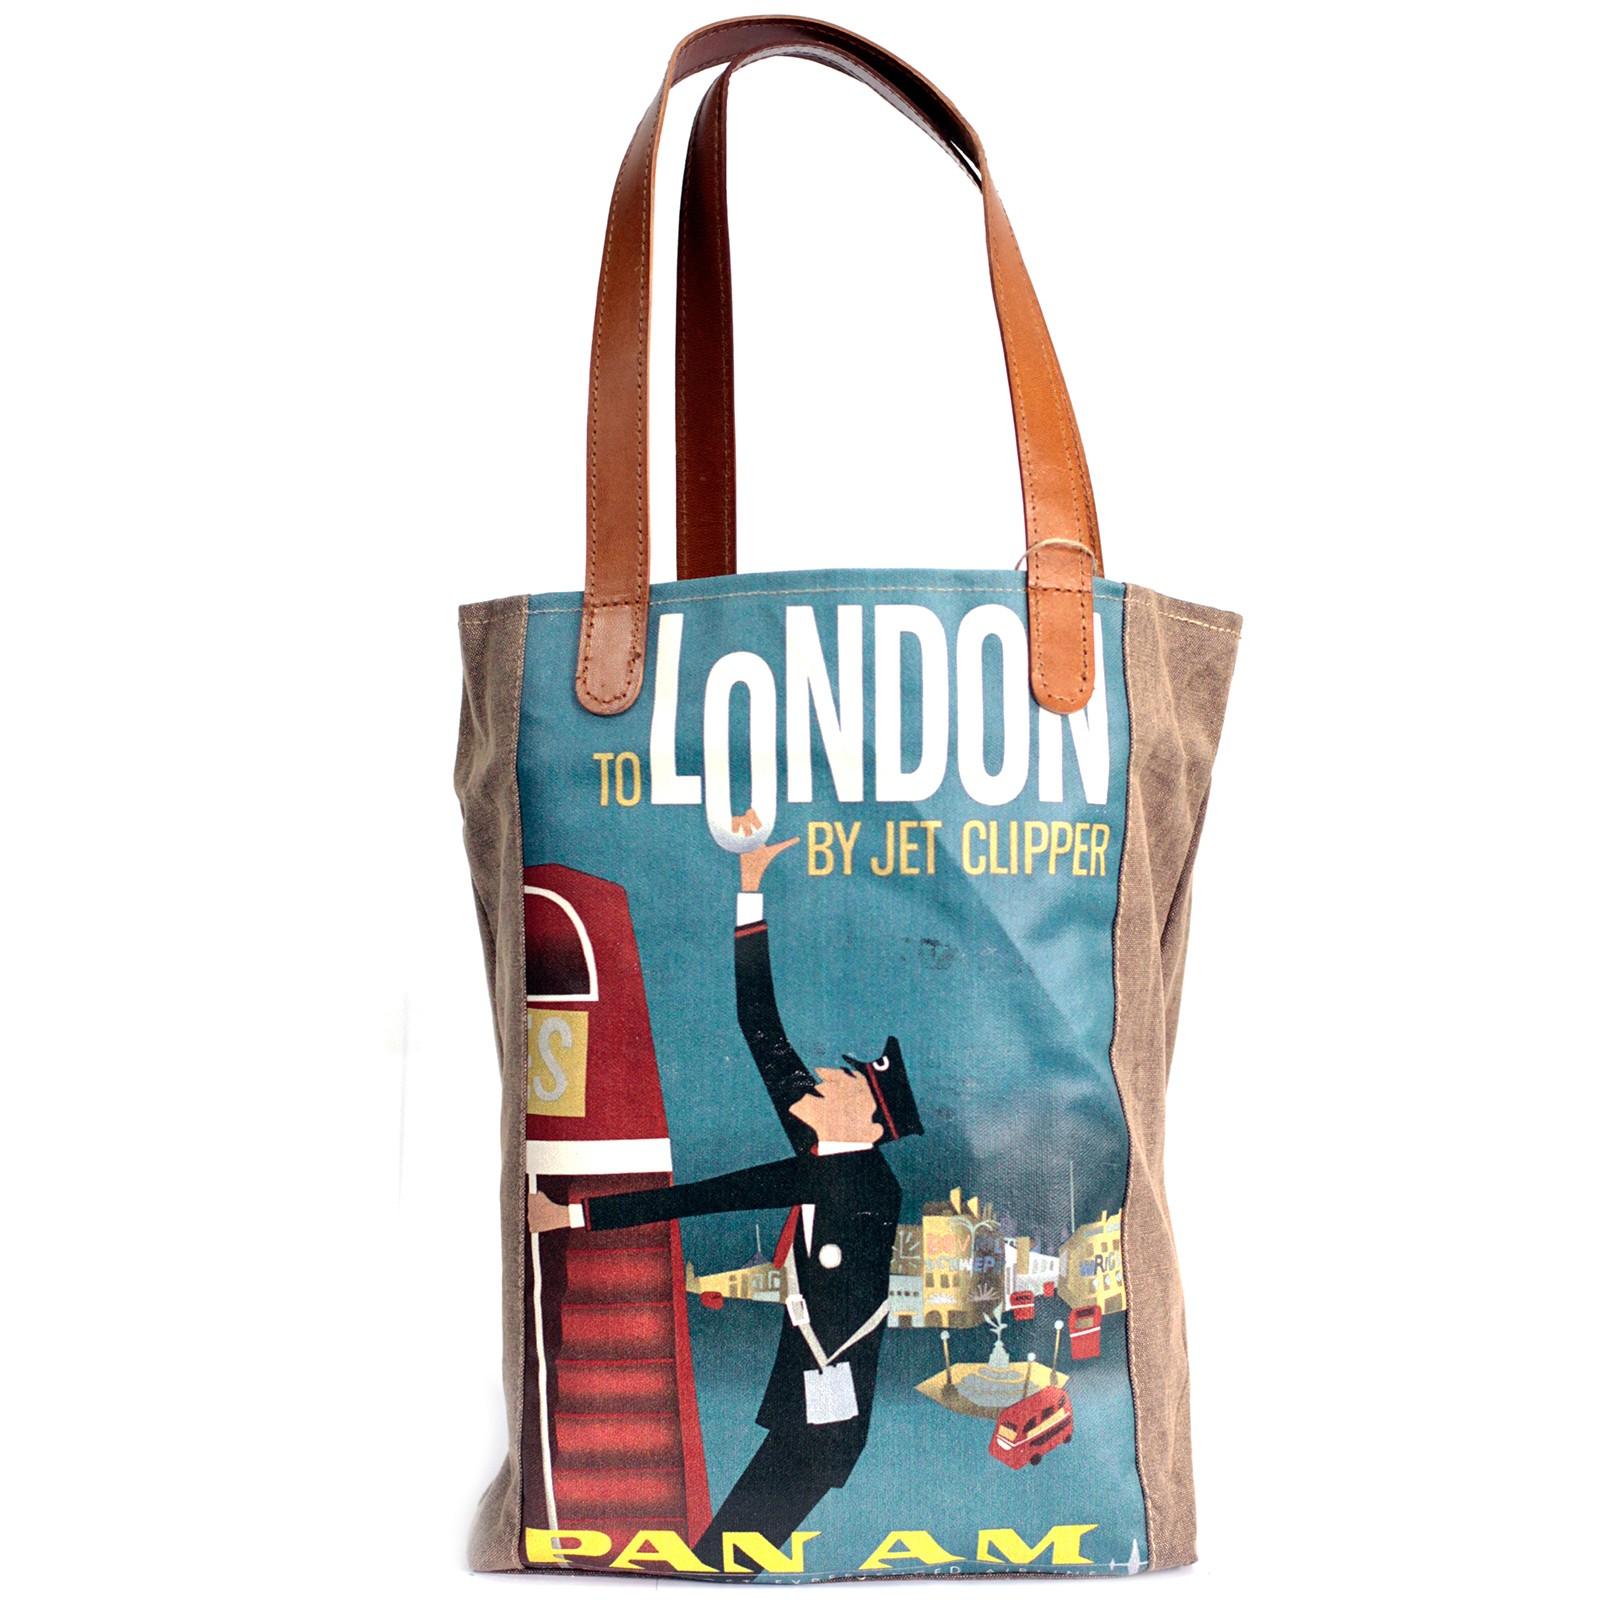 Vintage Travel Bag - London